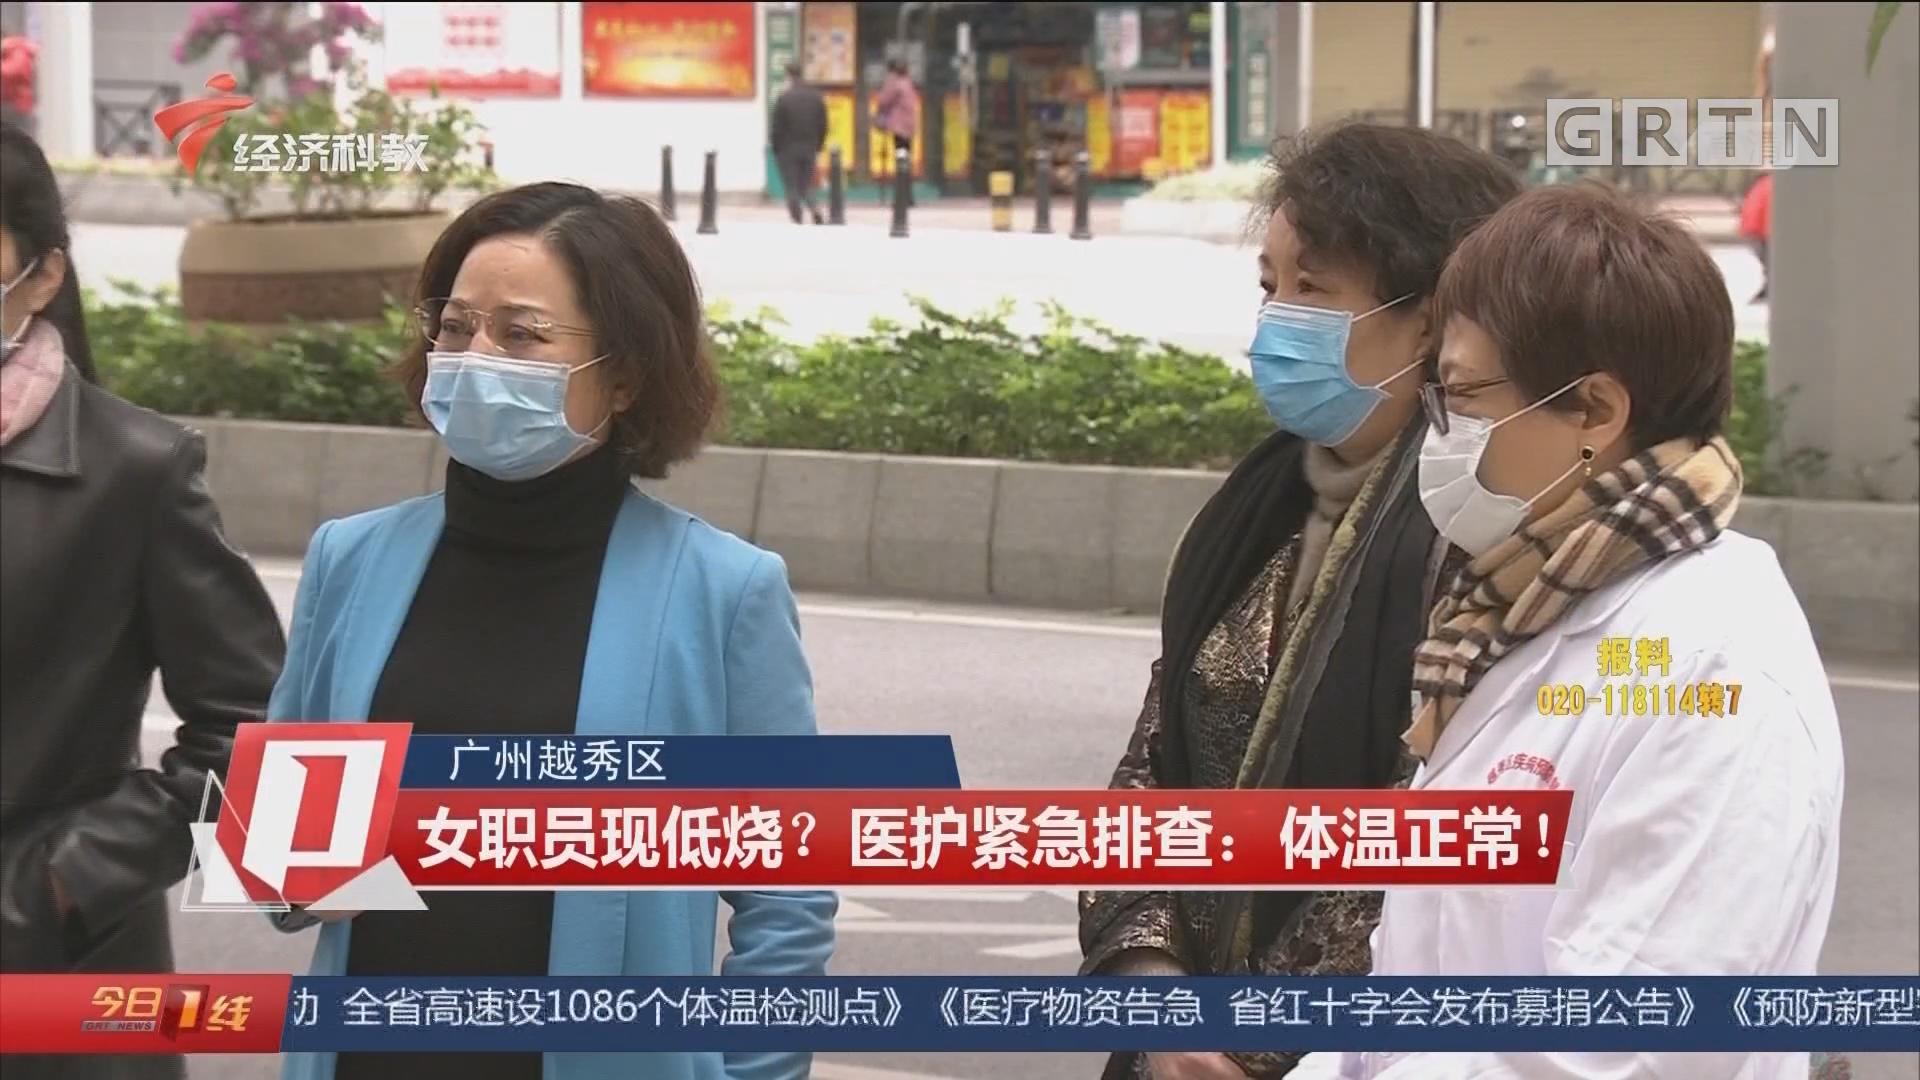 广州越秀区 女职员现低烧?医护紧急排查:体温正常!